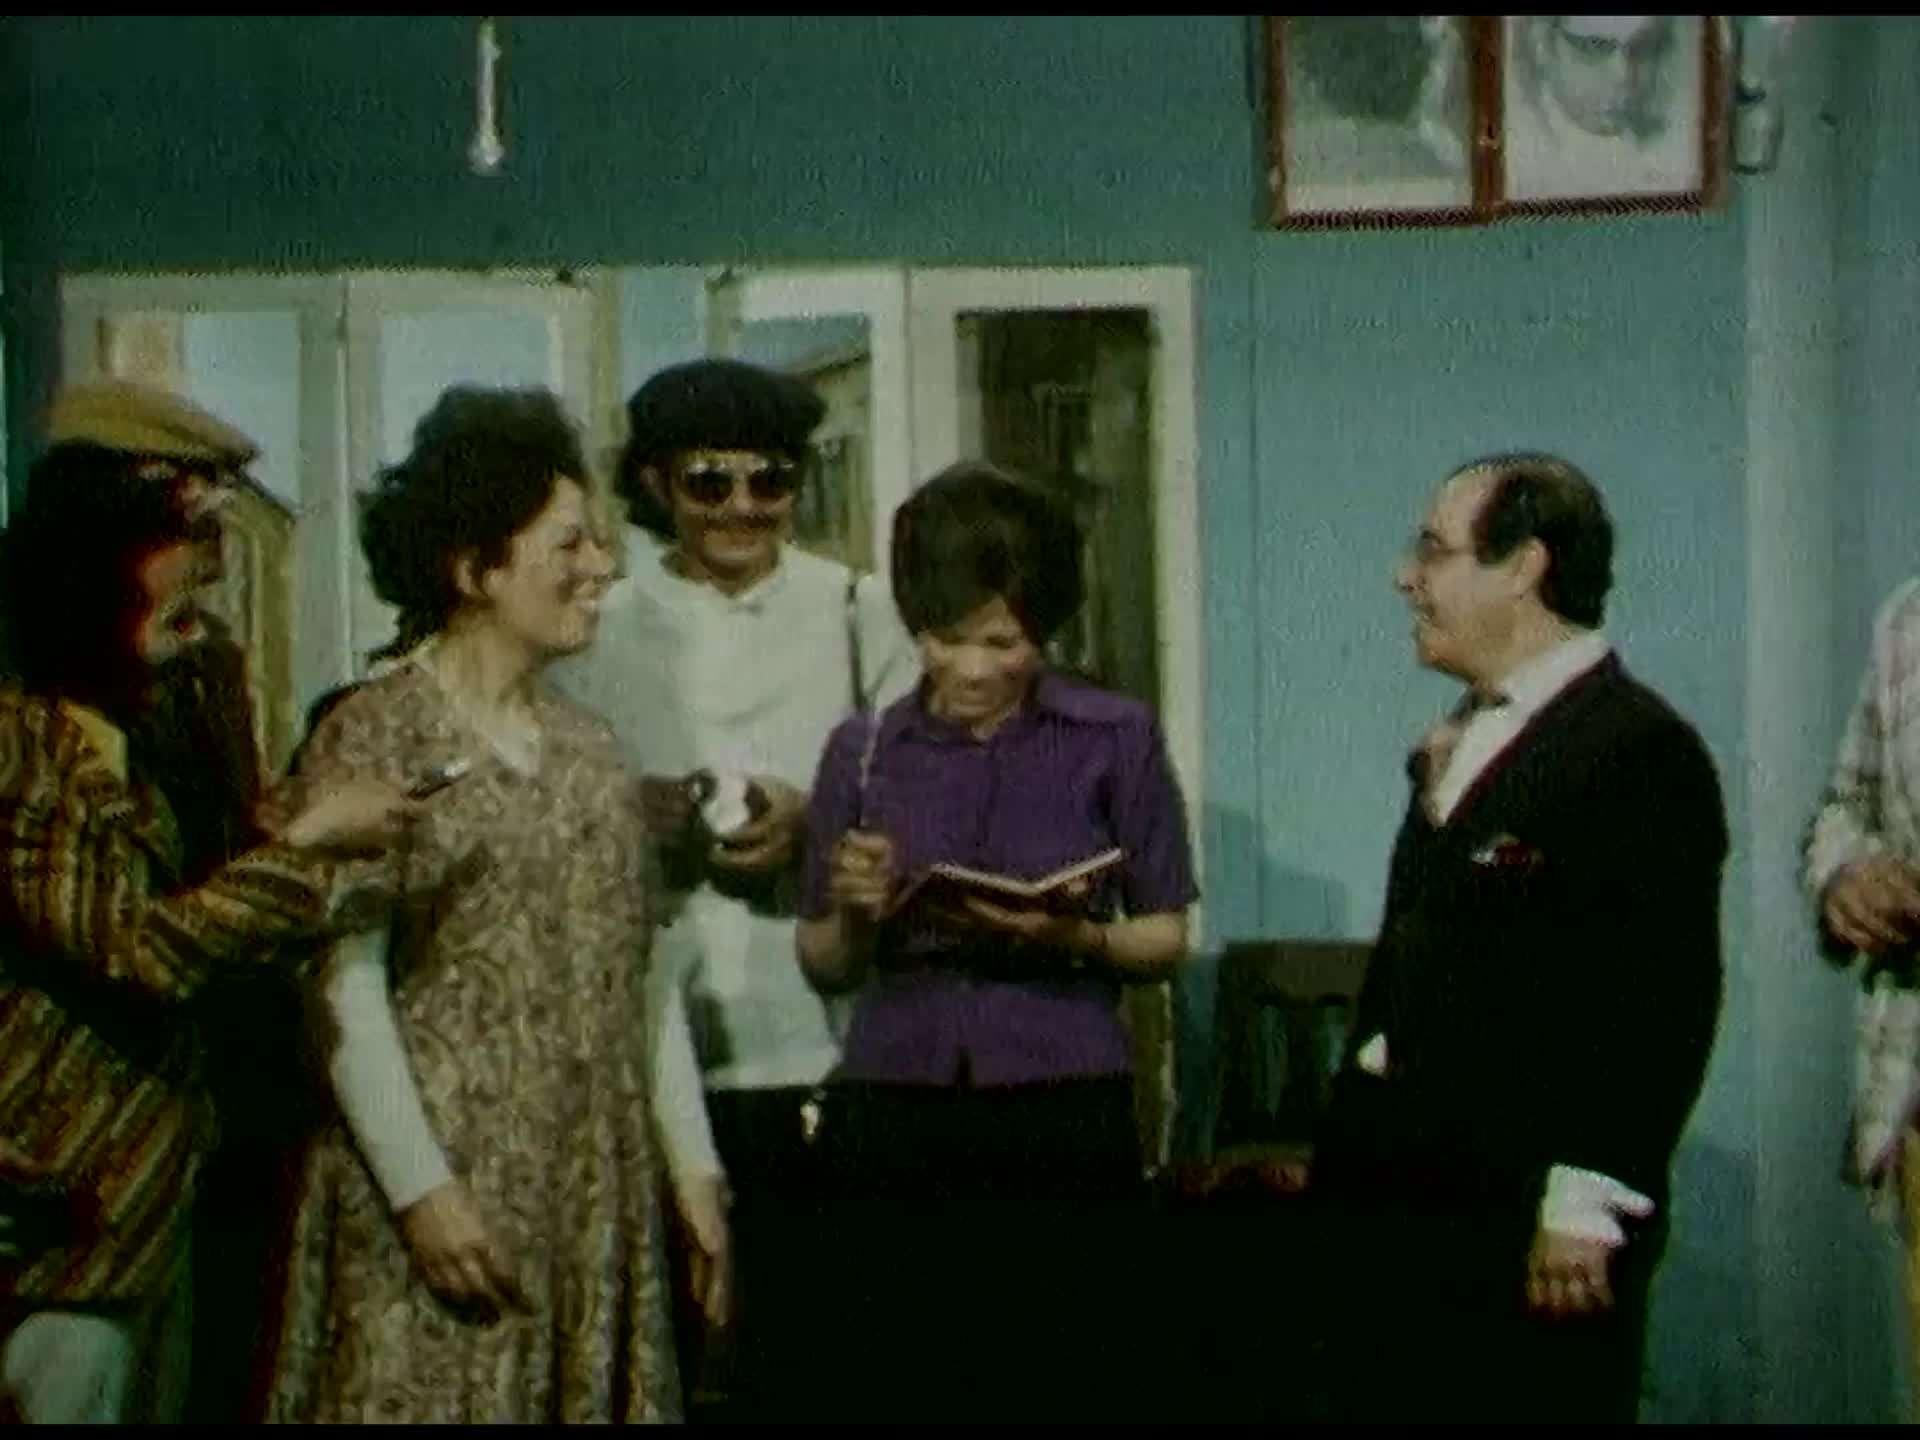 مسرحية لوليتا (1974) 1080p تحميل تورنت 5 arabp2p.com